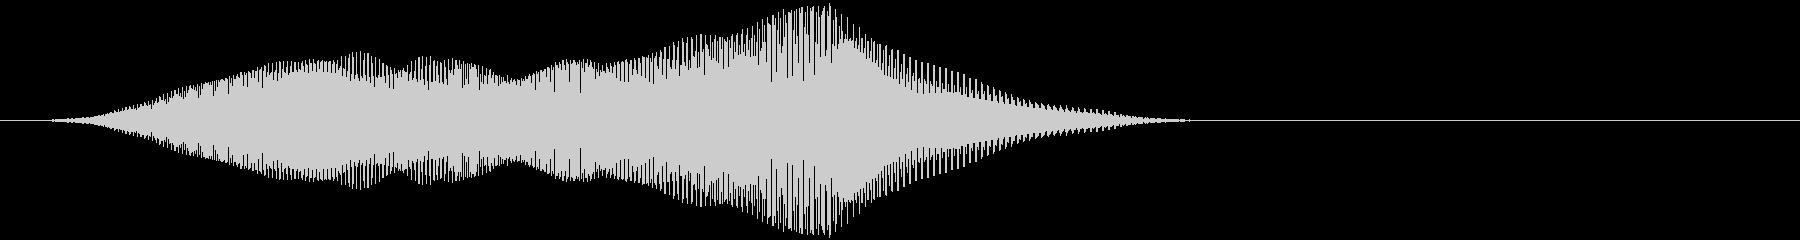 サブウーファー;ディープシンセスロ...の未再生の波形